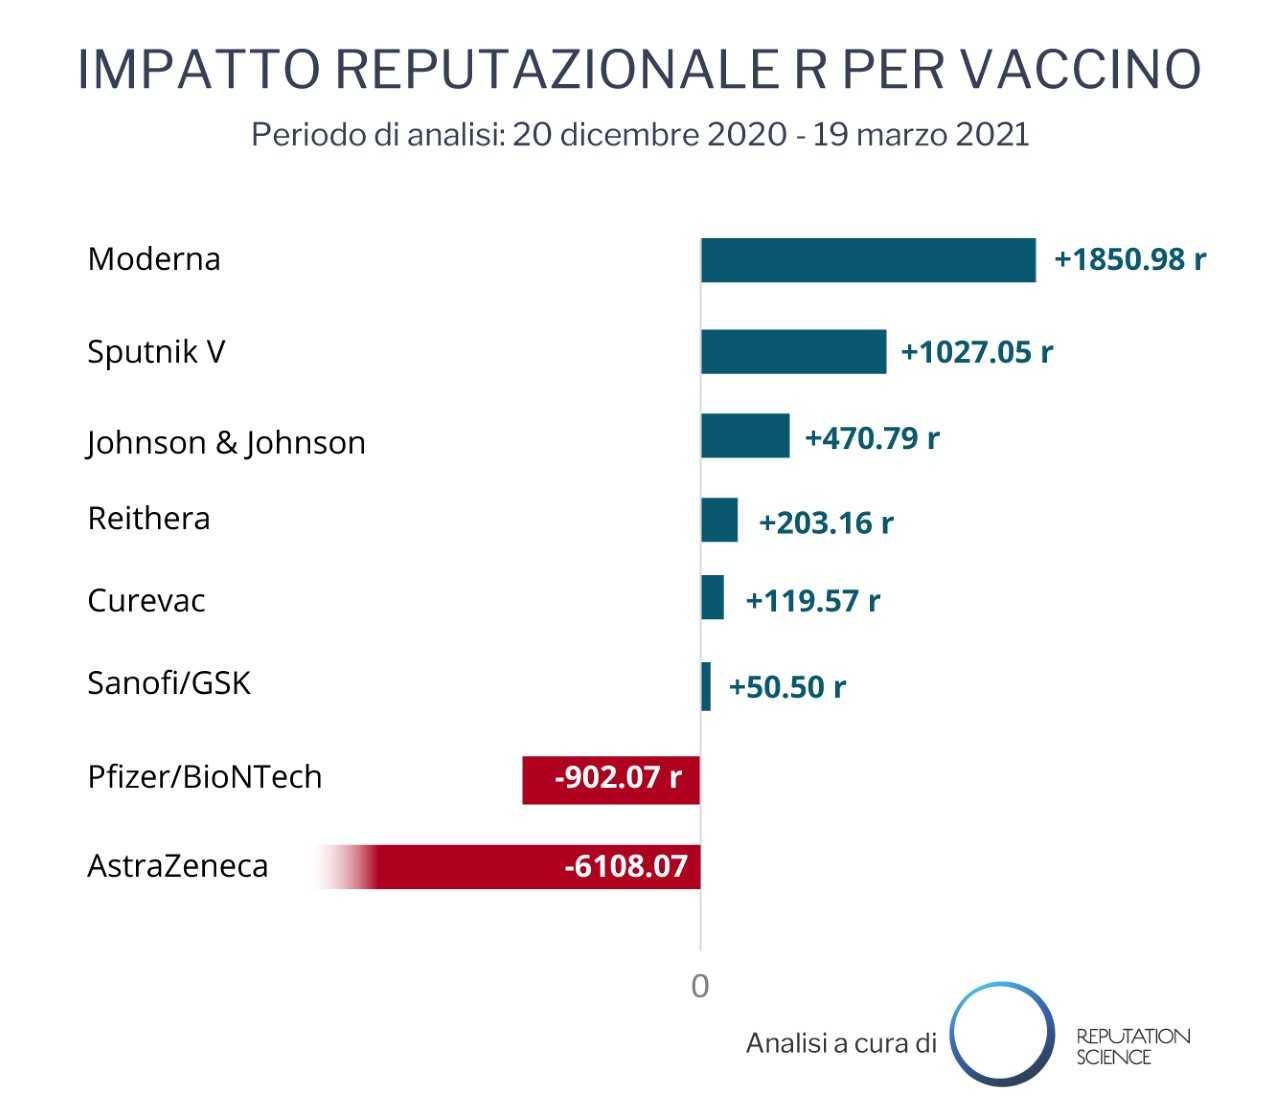 ANALISI – Sui vaccini i social più favorevoli dei media tradizionali